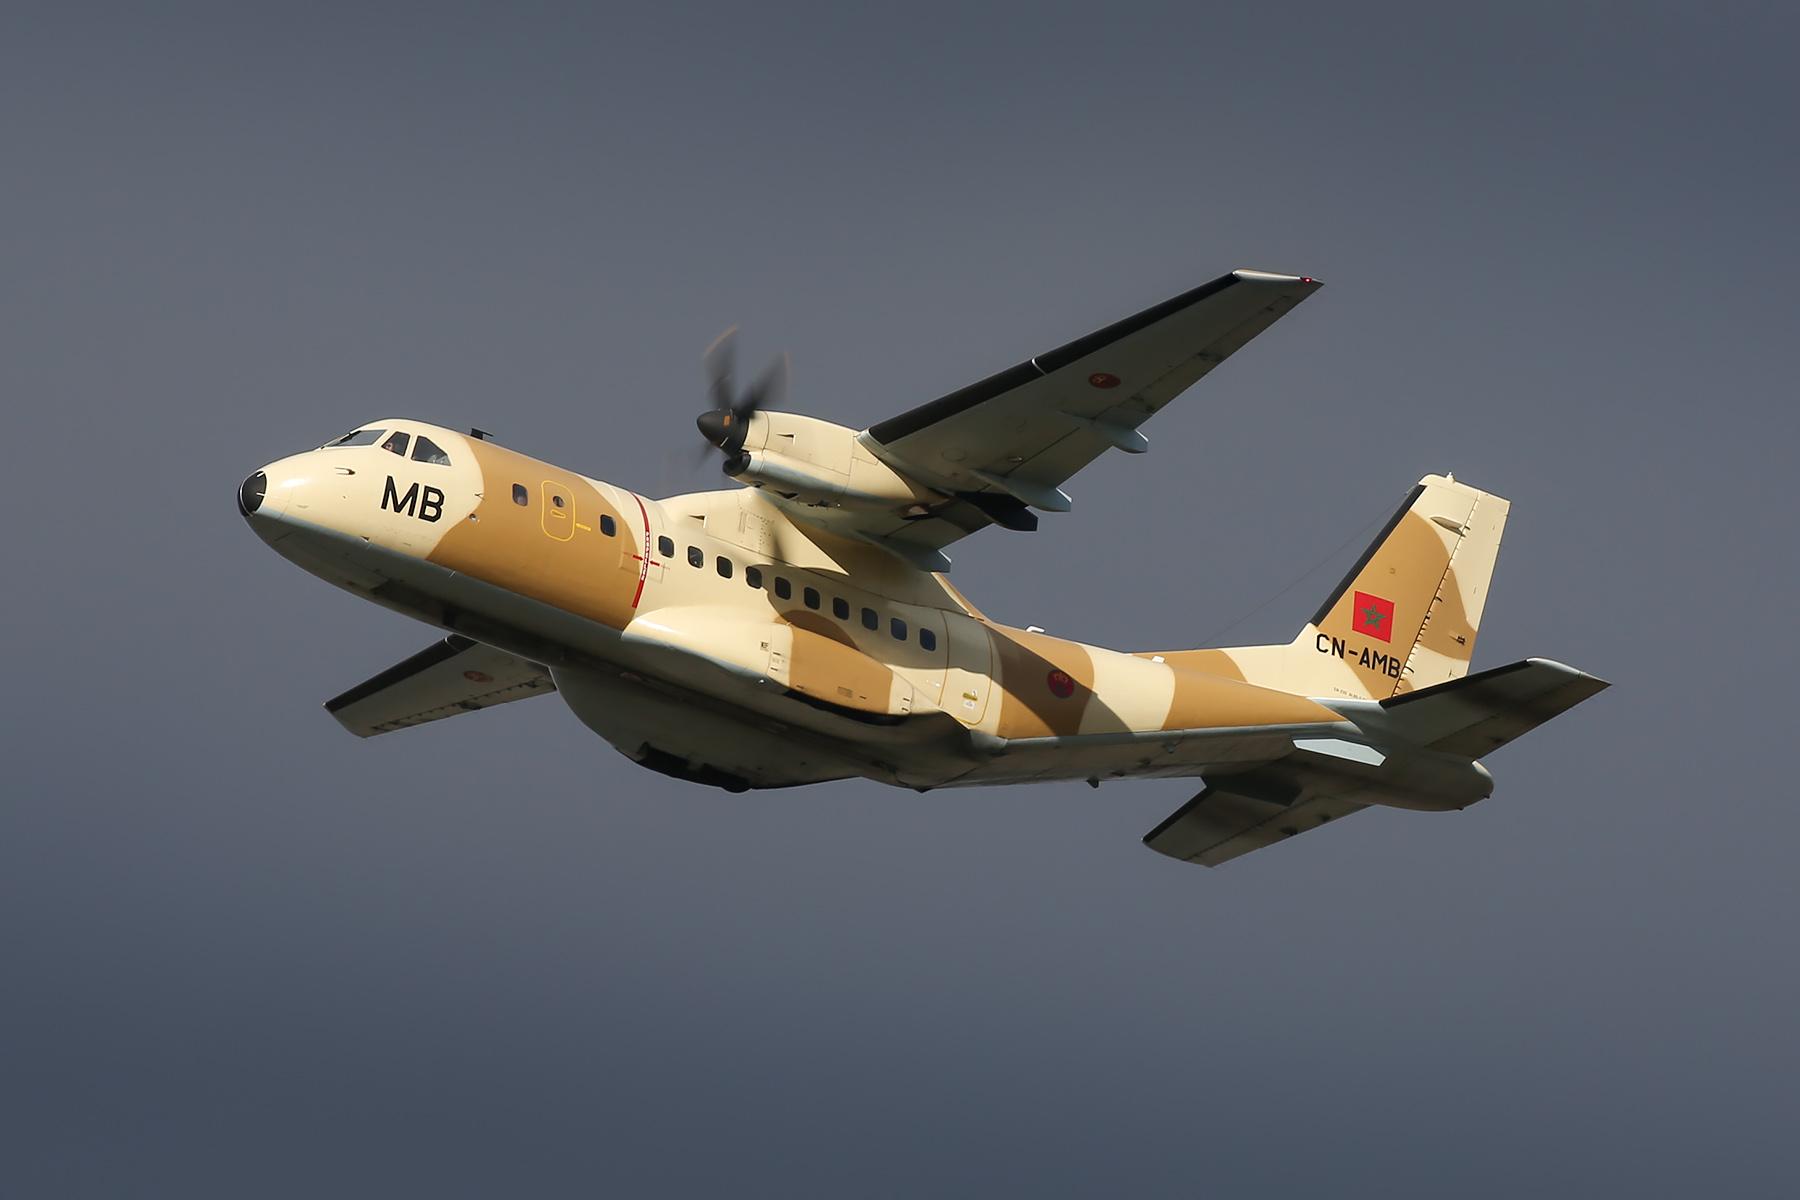 FRA: Photos d'avions de transport - Page 39 49487228678_5c73c9e7d5_o_d